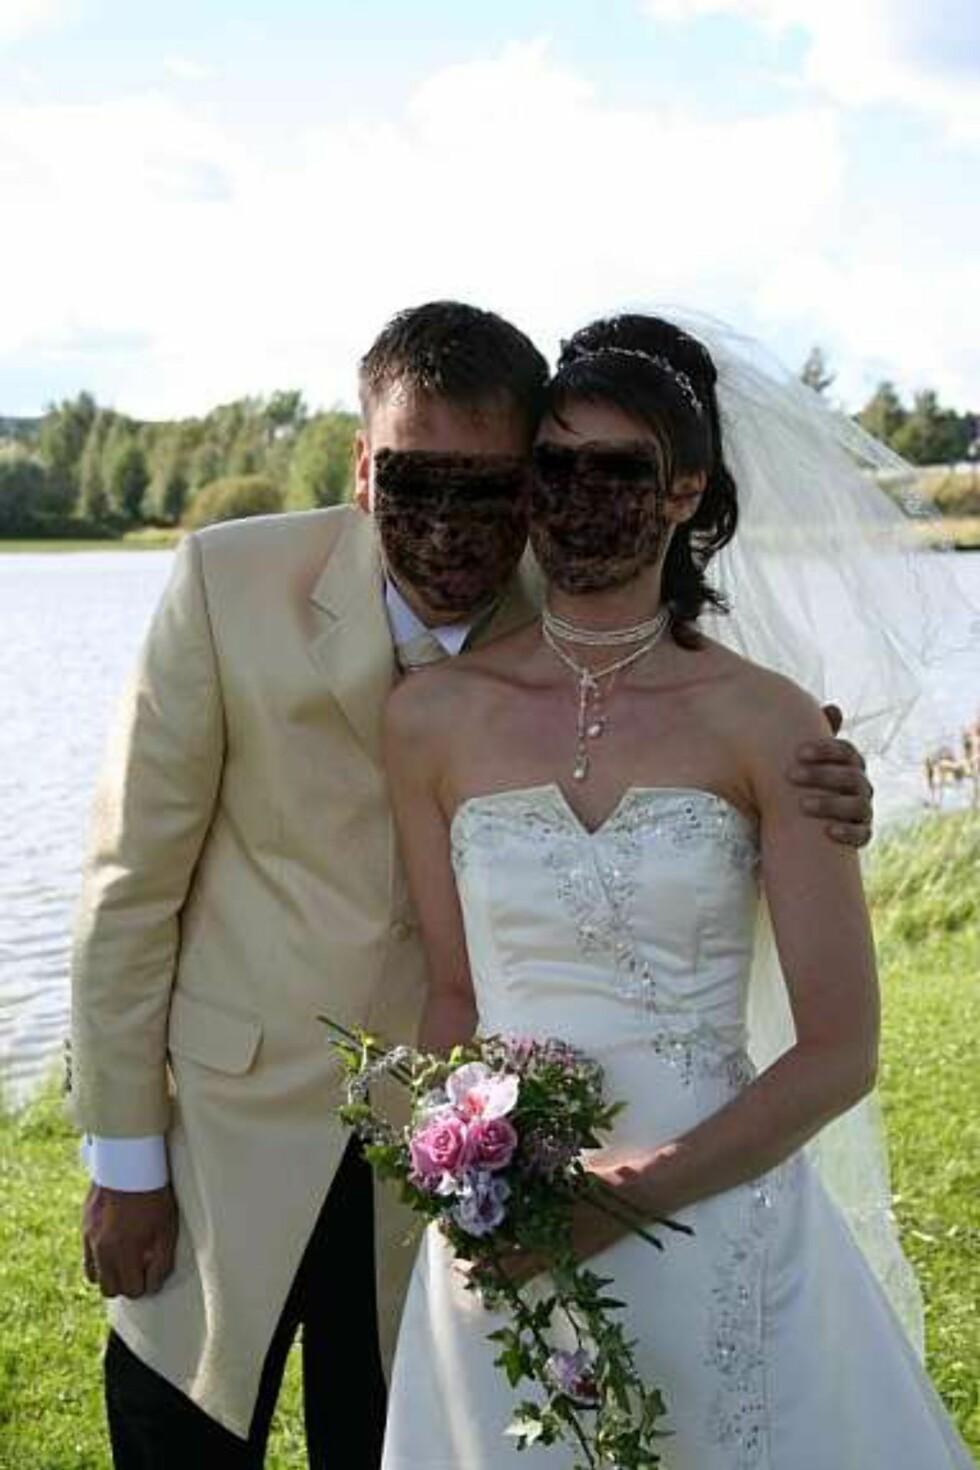 Typisk nok var de utsolgt for hårfjerningskrem akkurat den uka Stig og Tone skulle gifte seg. Foto: Faksimile: Finn.no